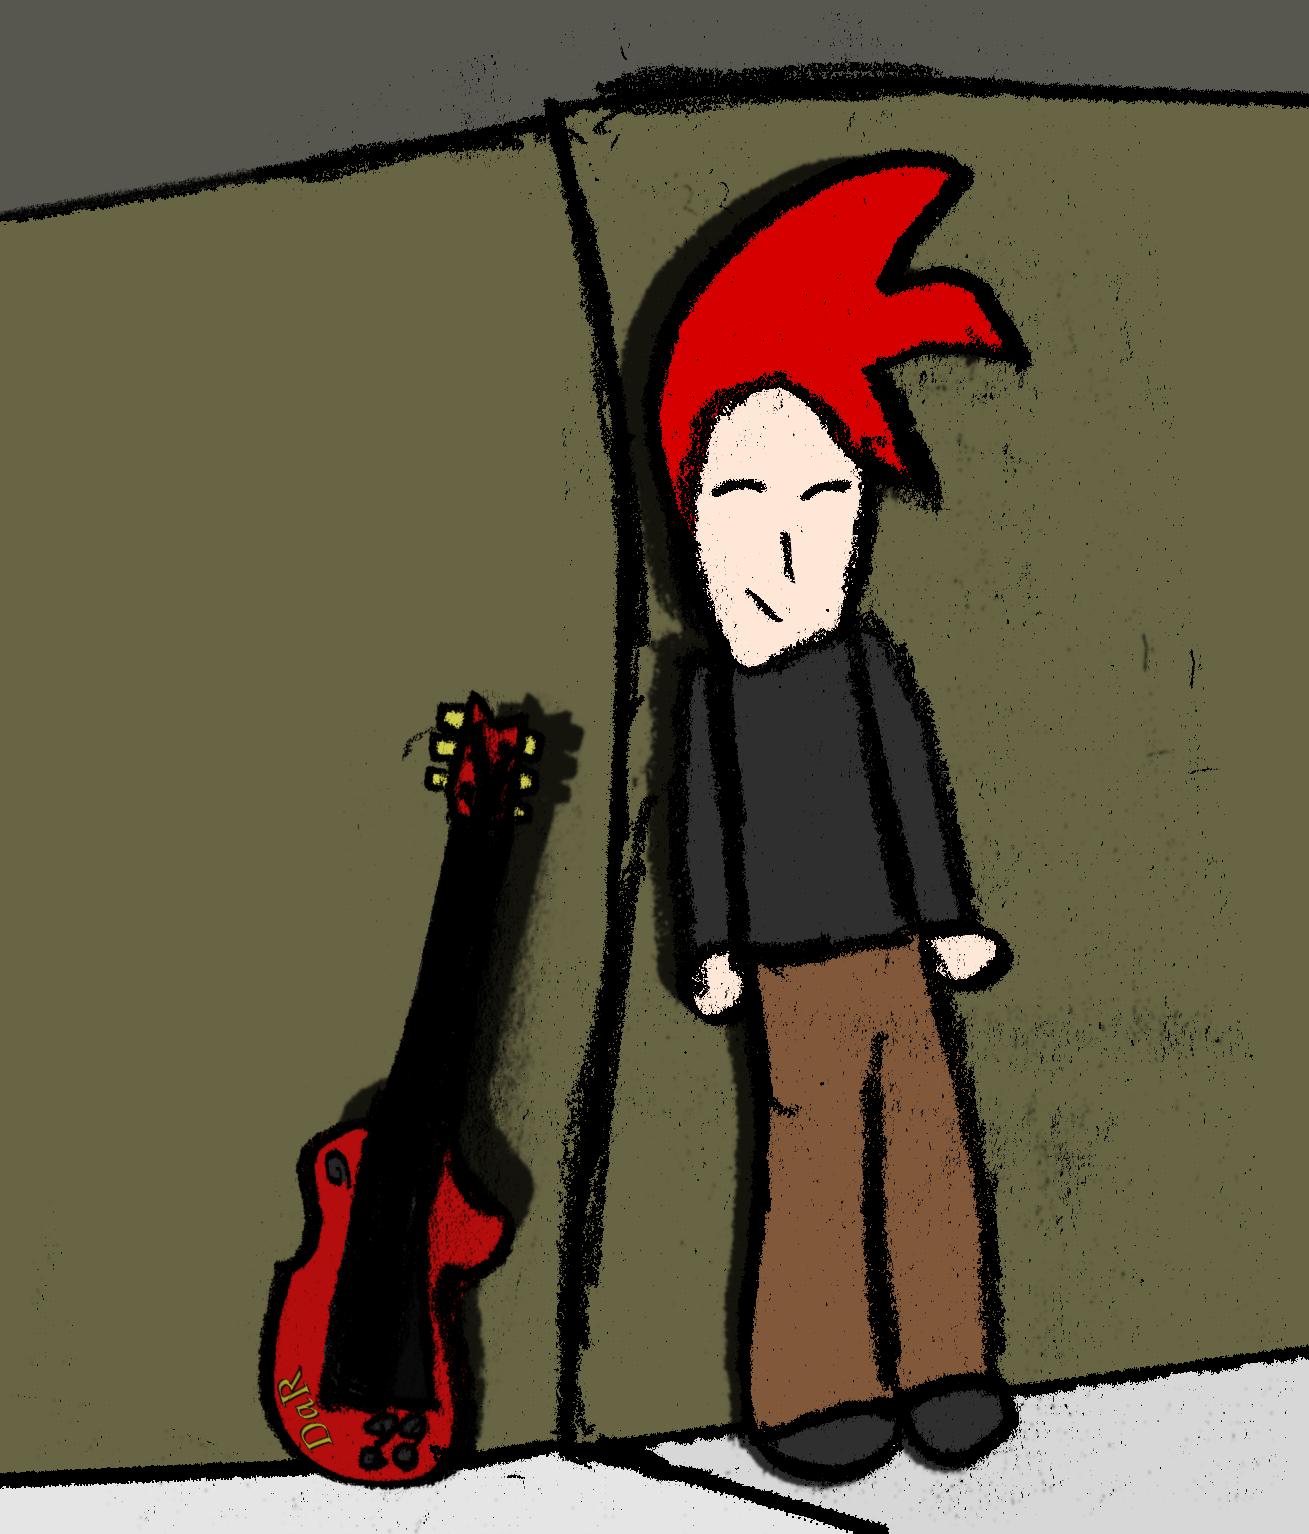 Drawn and Rocking - Kite